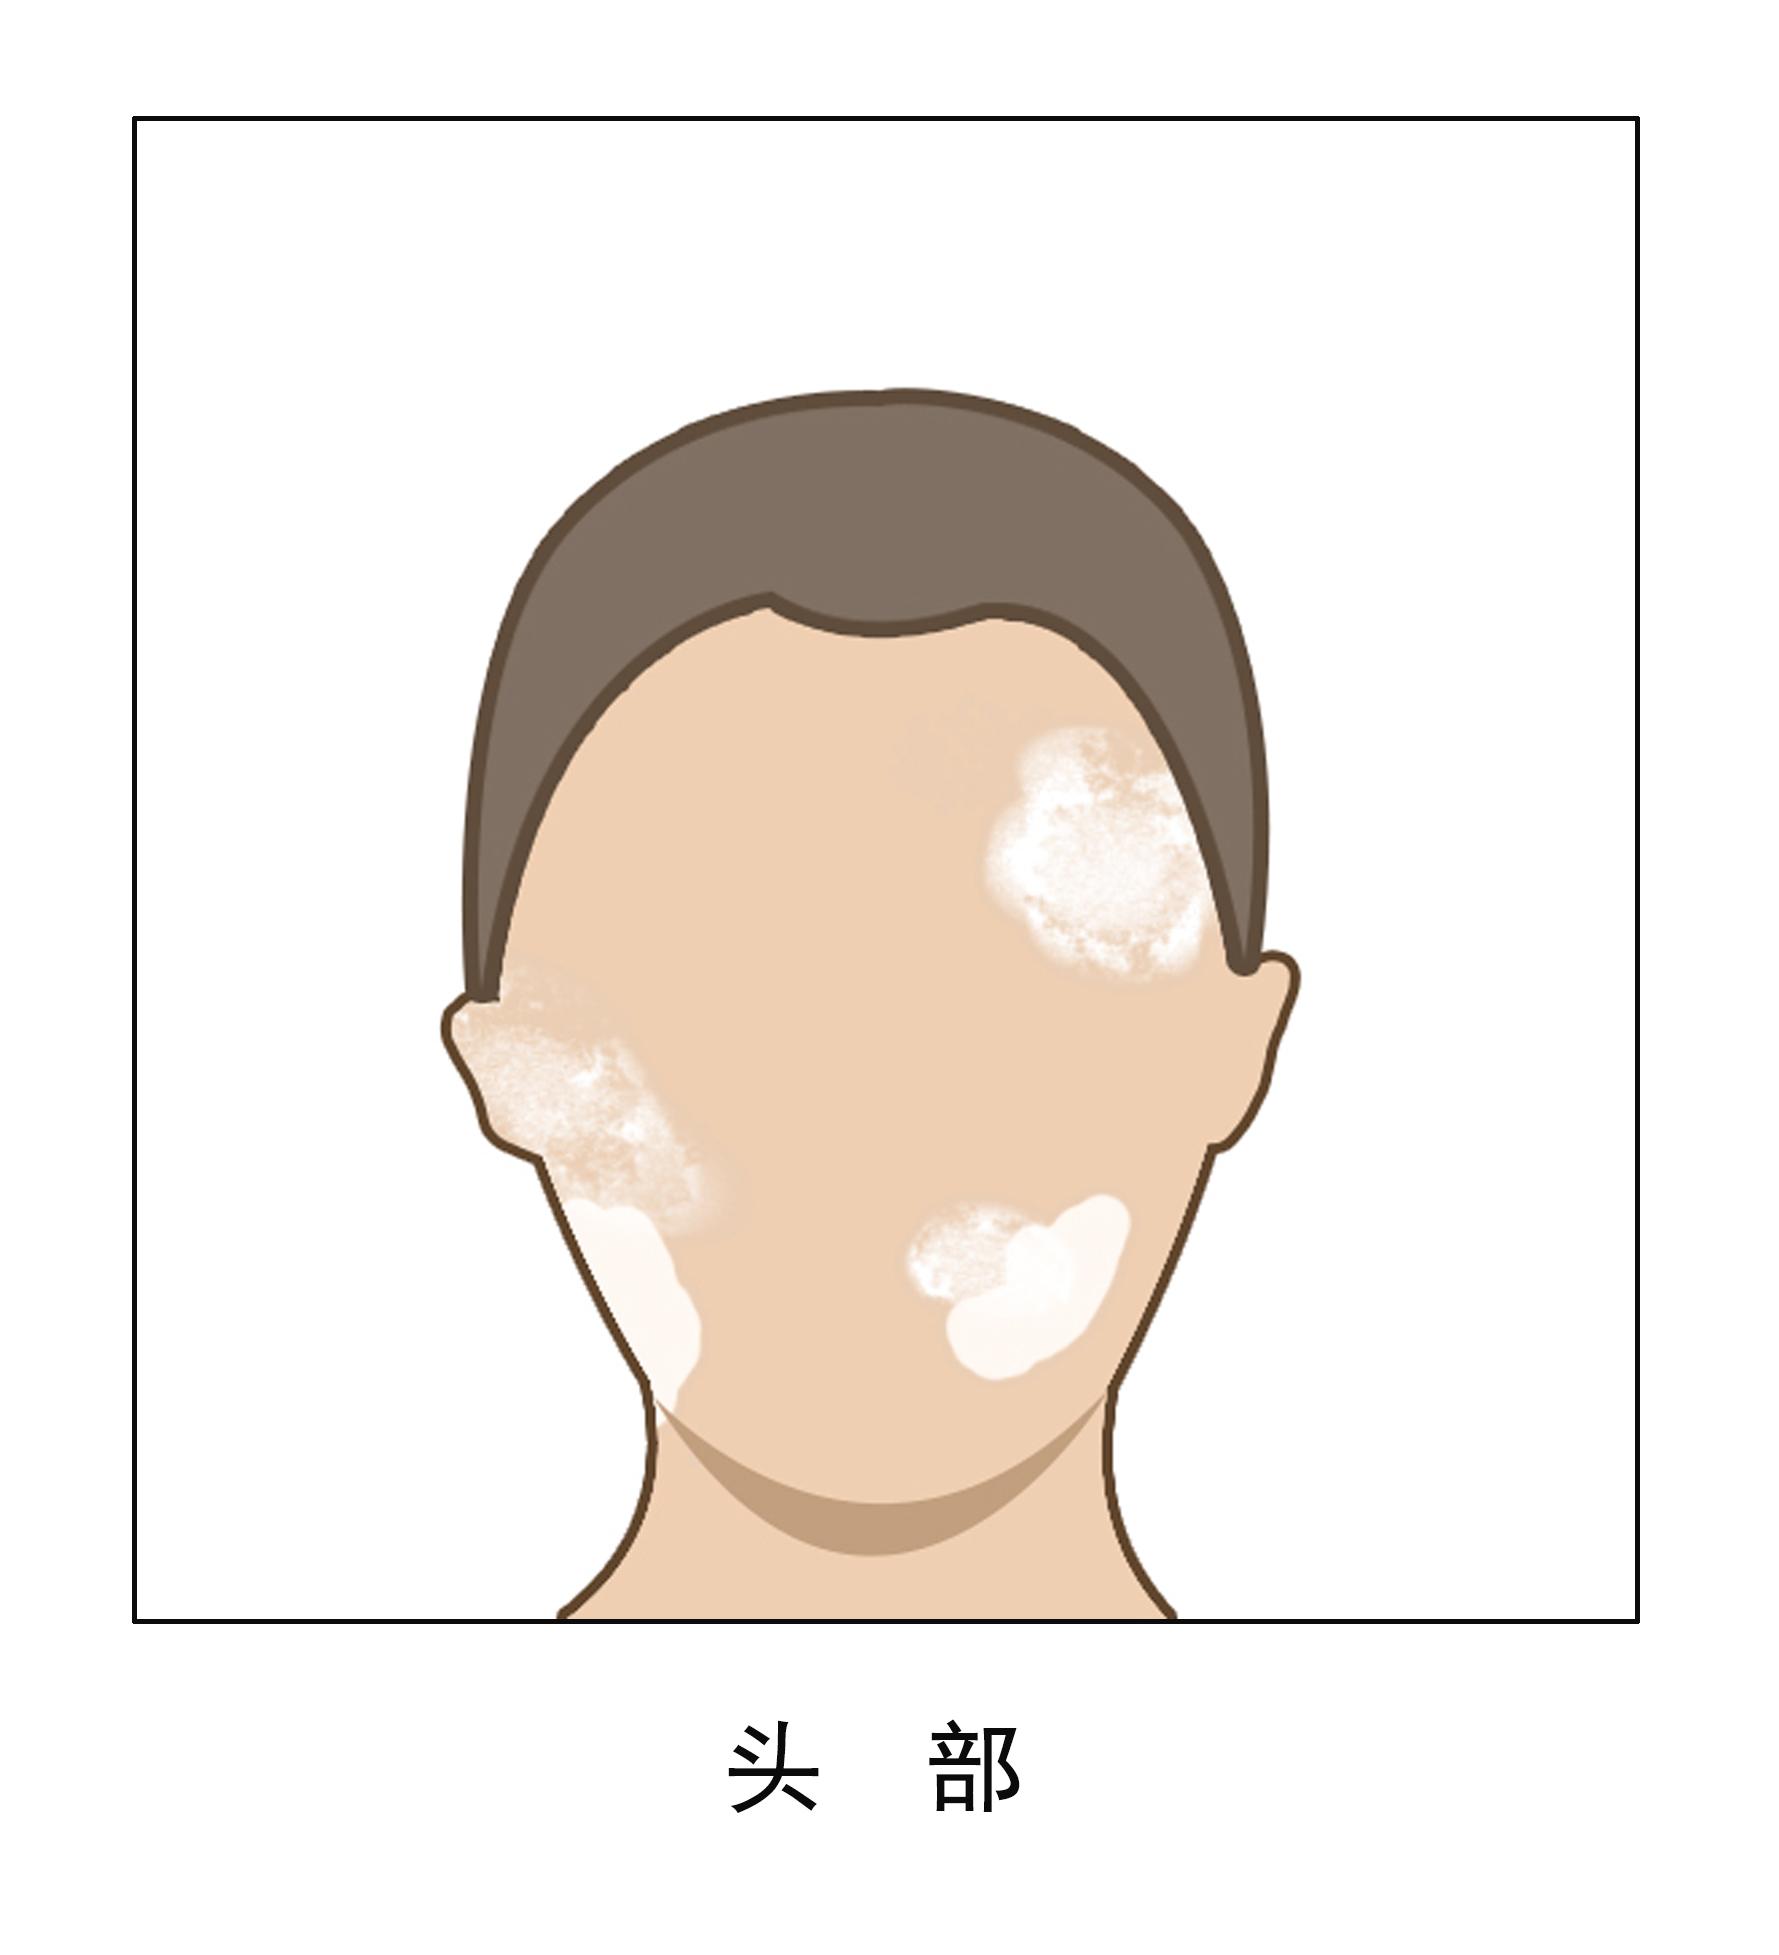 云南白斑专科医院哪里好?青少年脸部早期的白癜风有哪些症状